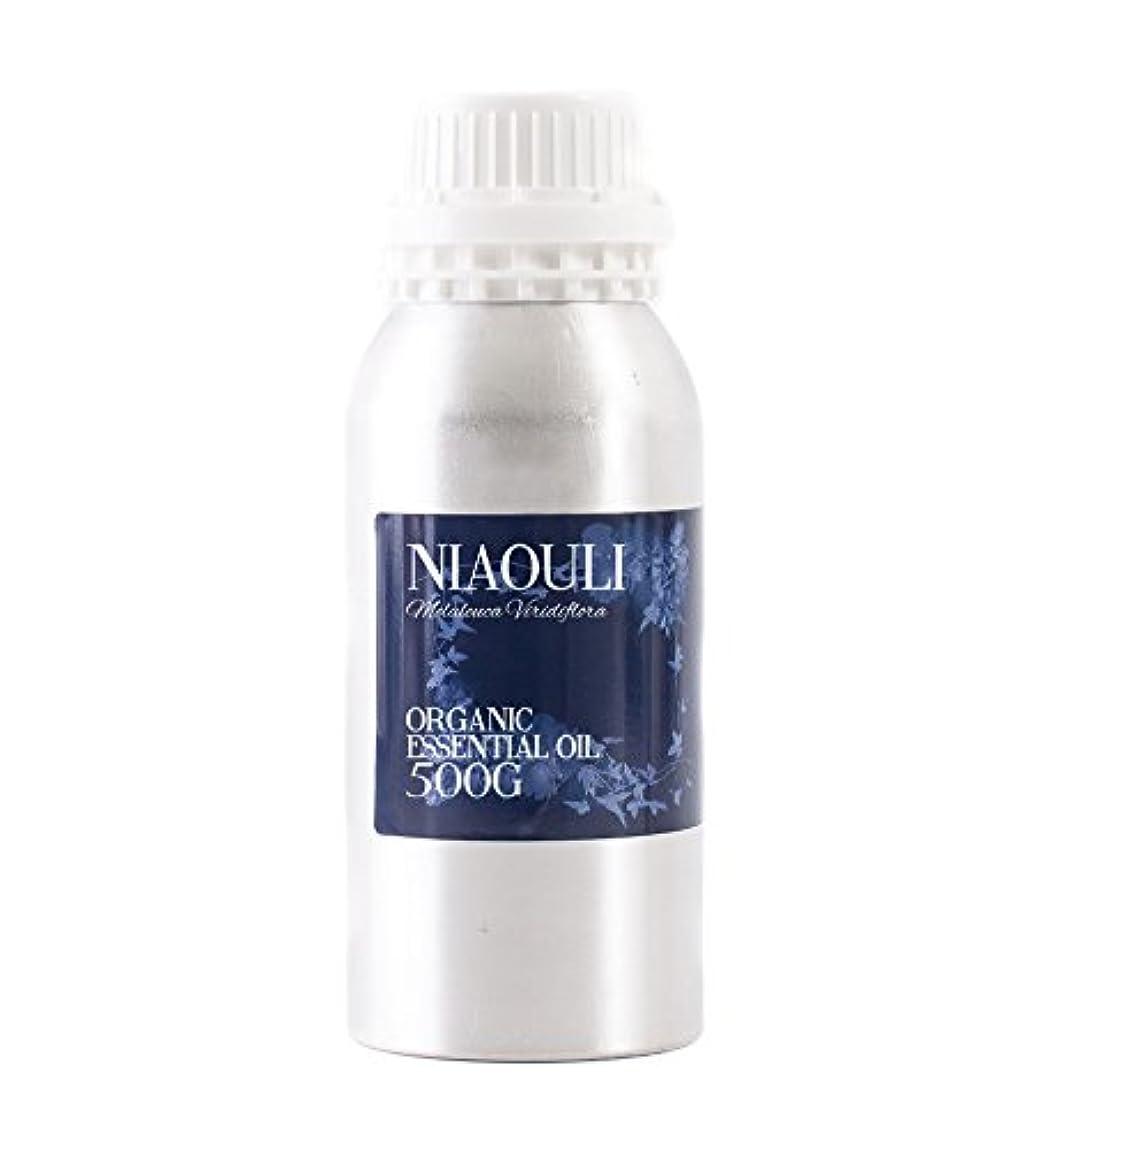 スロー落とし穴セールスマンMystic Moments | Niaouli Organic Essential Oil - 500g - 100% Pure